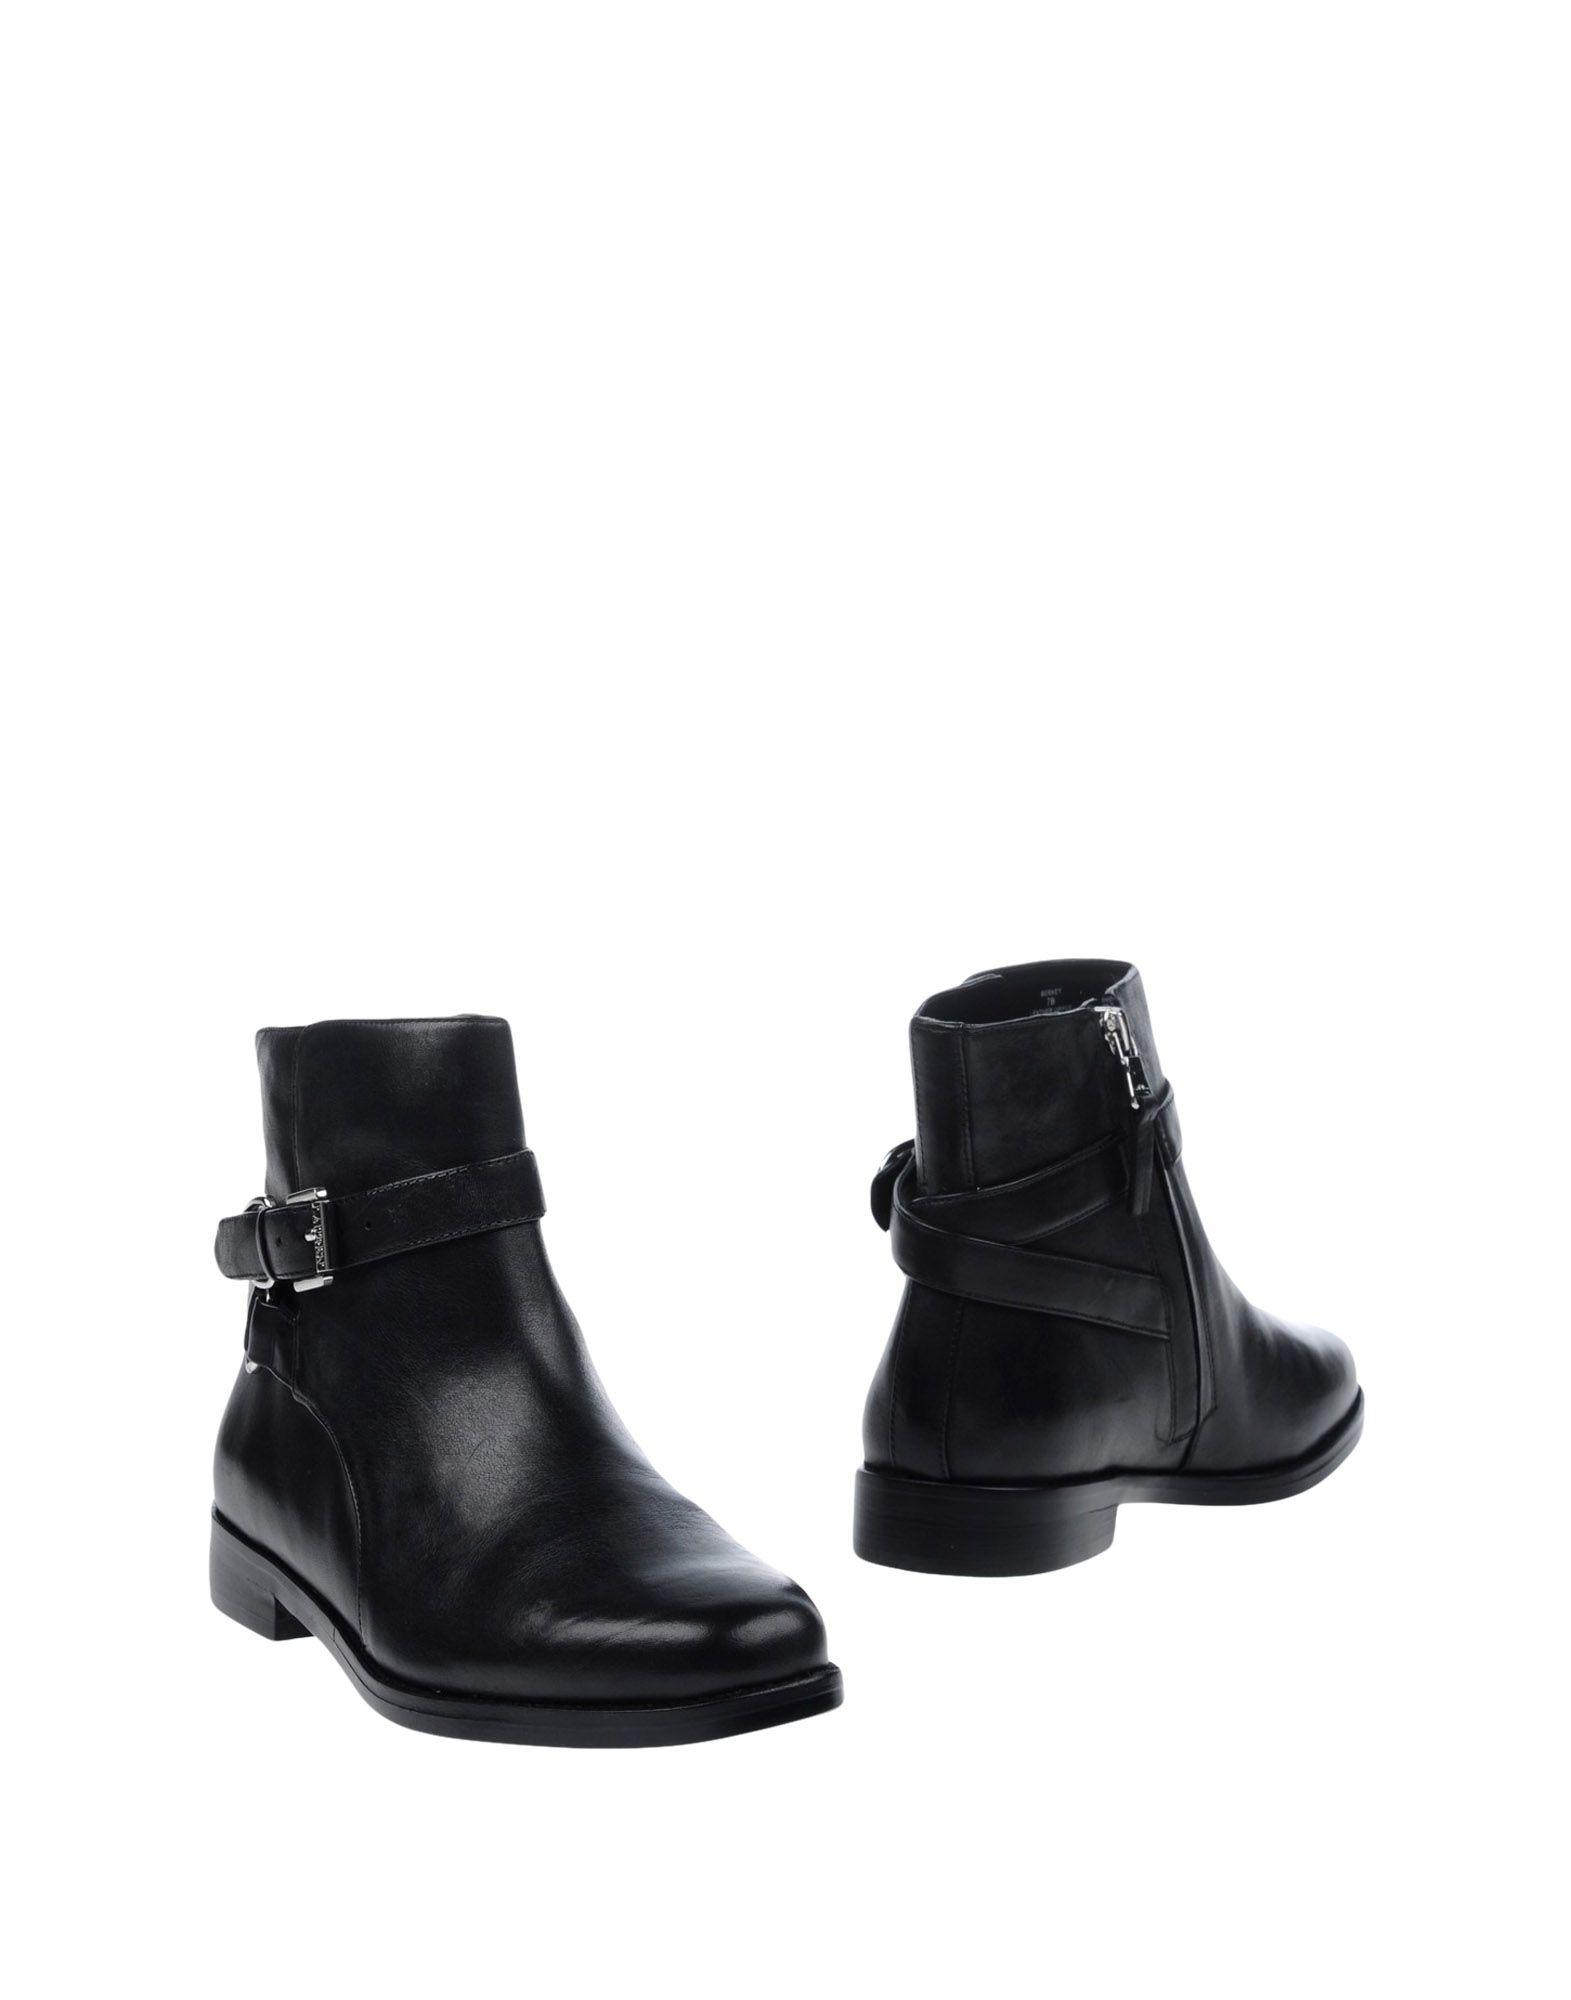 LAUREN by RALPH LAUREN Полусапоги и высокие ботинки si by sinela полусапоги и высокие ботинки